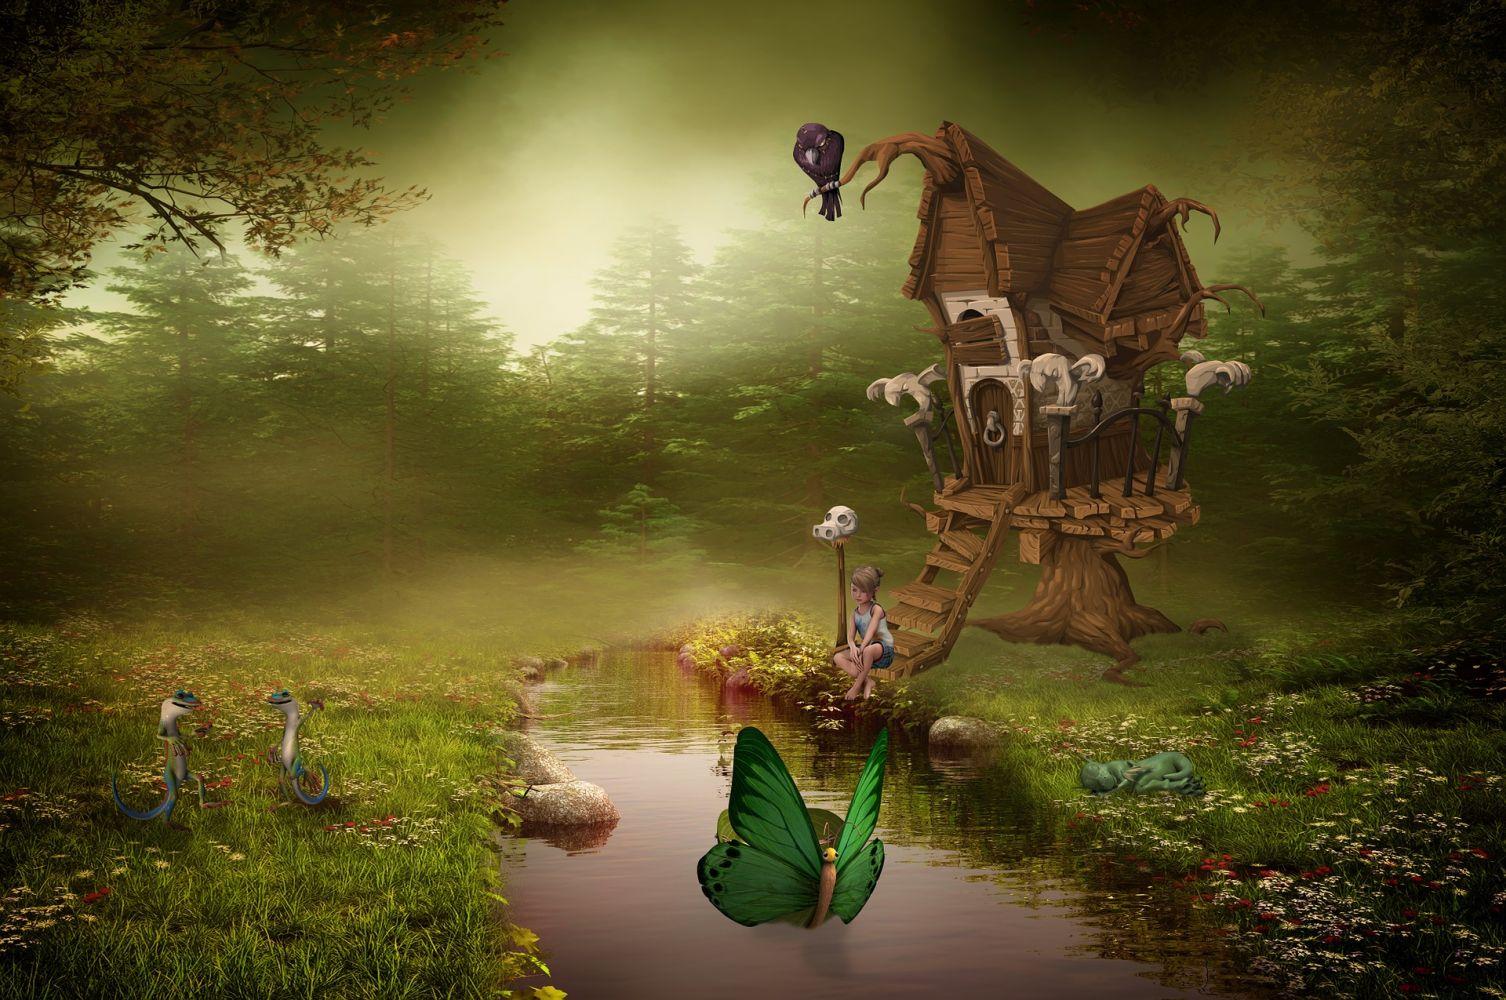 Креативные картинки сказочные фэнтези